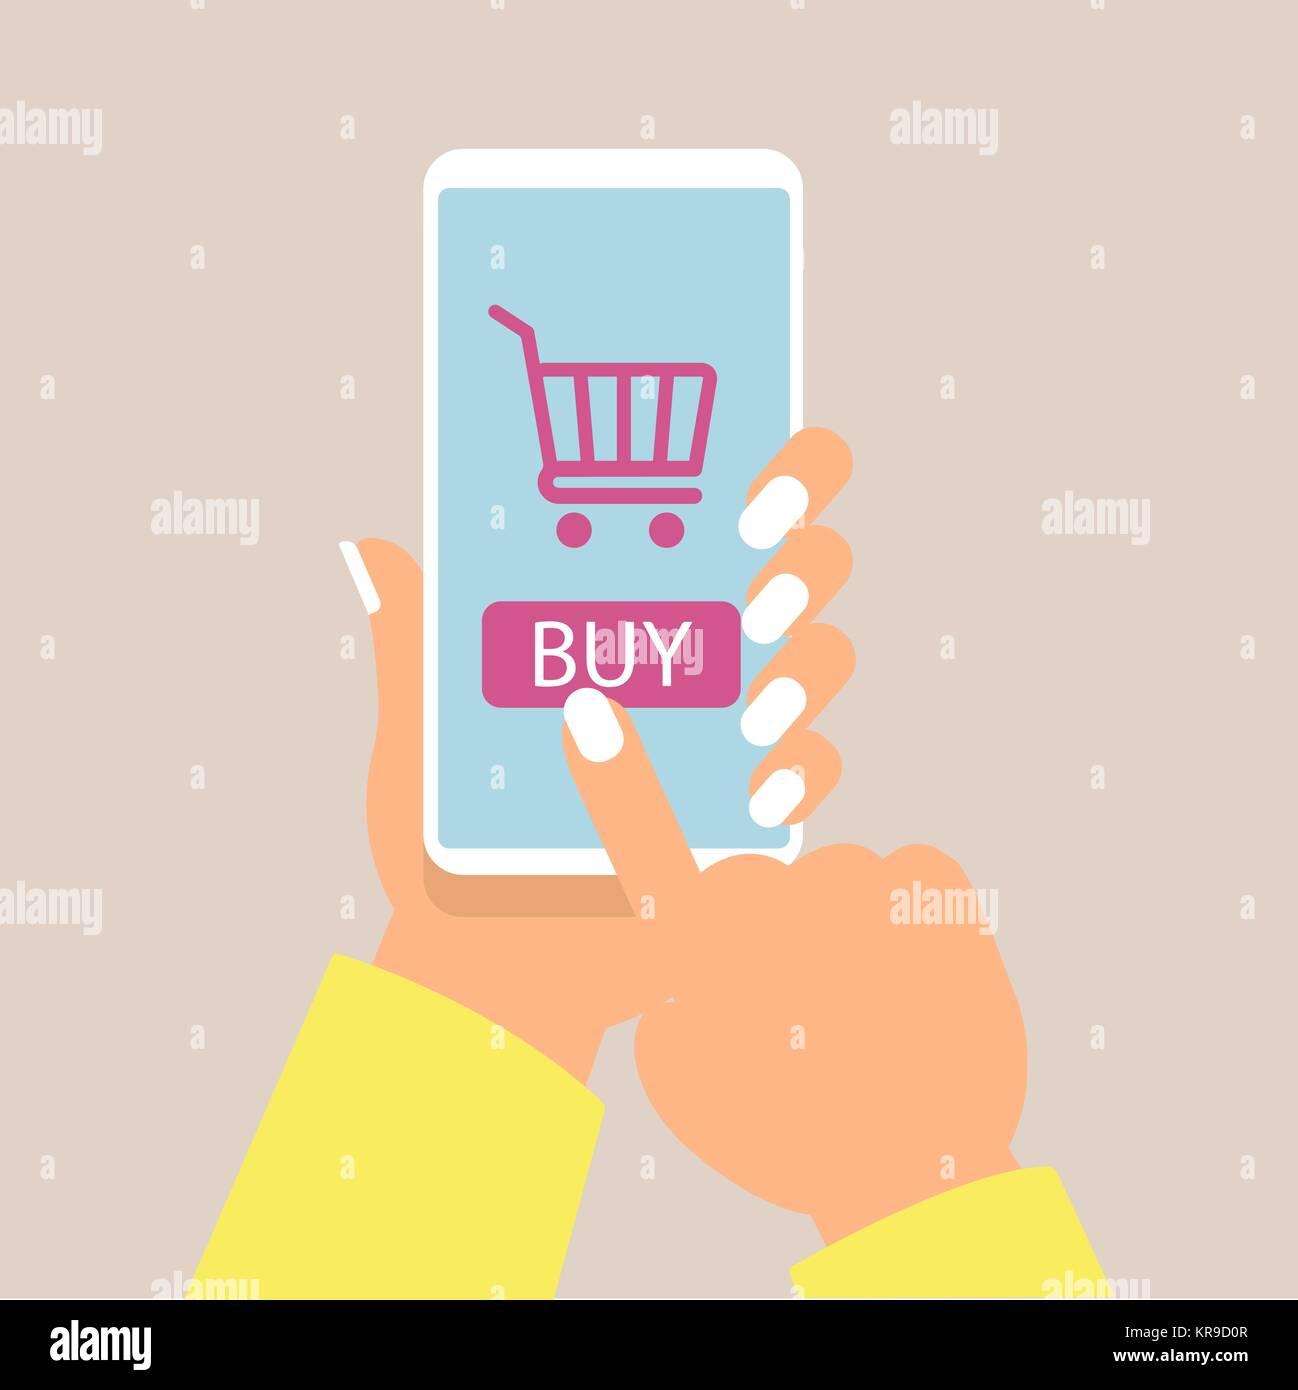 bd166688fb2f19 Online shopping Konzept mit Frauen Hand, Smartphone und online shop Symbole  Vektor